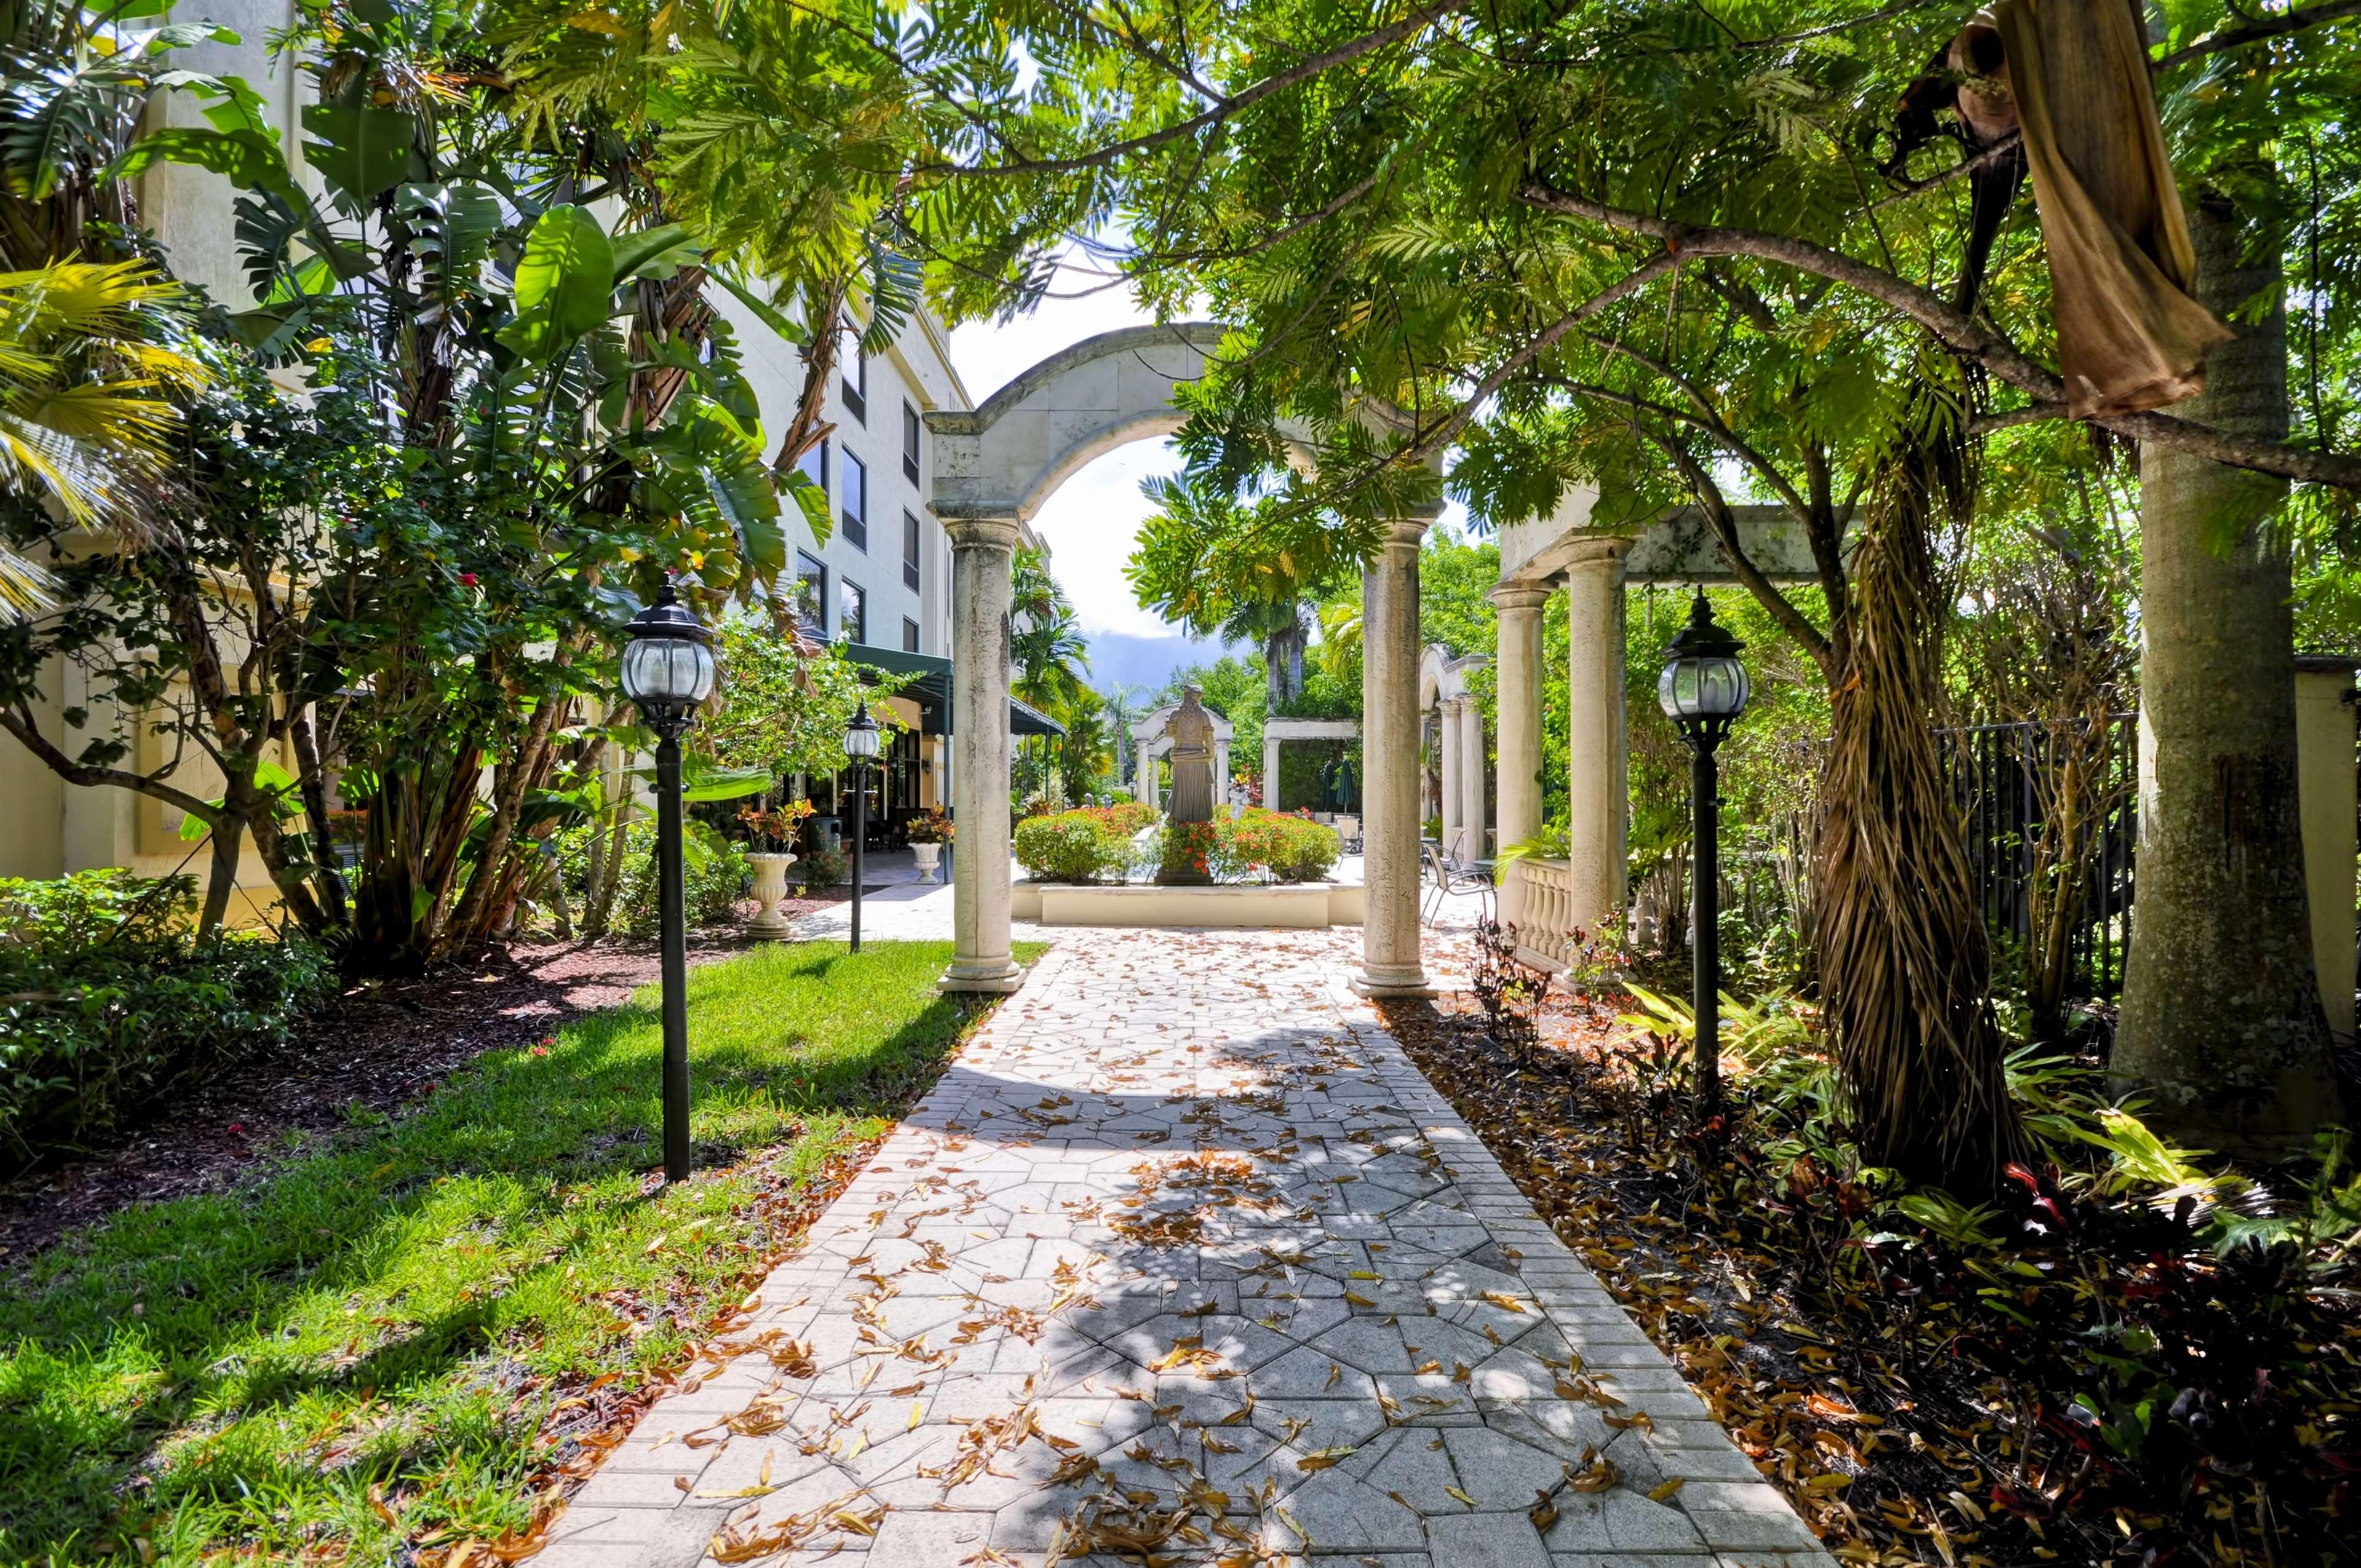 Hampton inn palm beach gardens in palm beach gardens fl 33410 for Hamptons at palm beach gardens